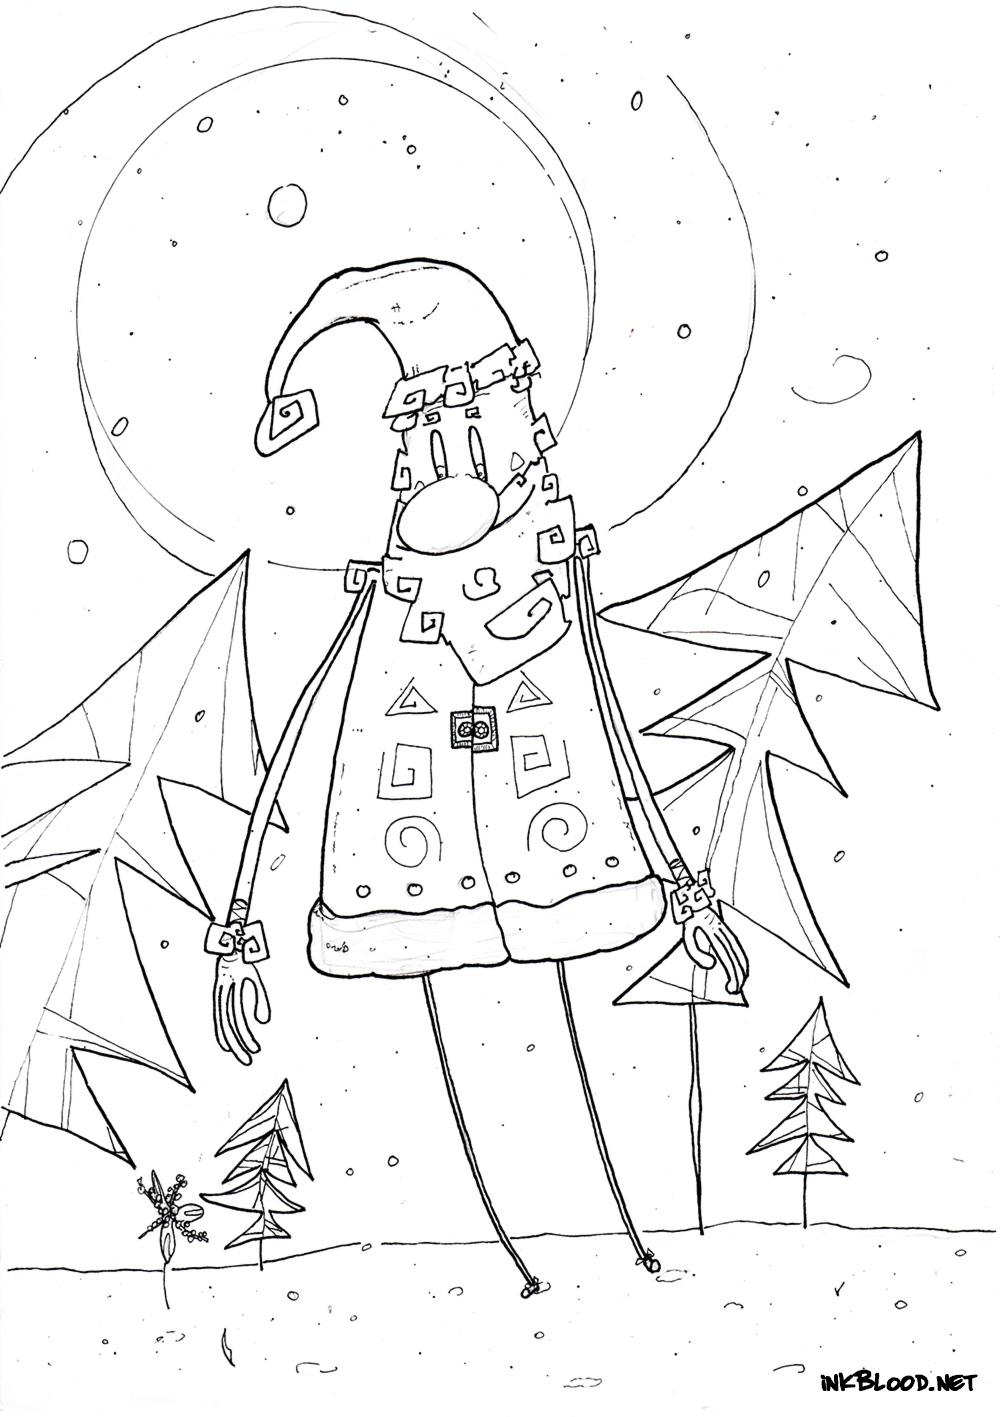 5-Dessin-de-Noël-à-colorier-père-noel-